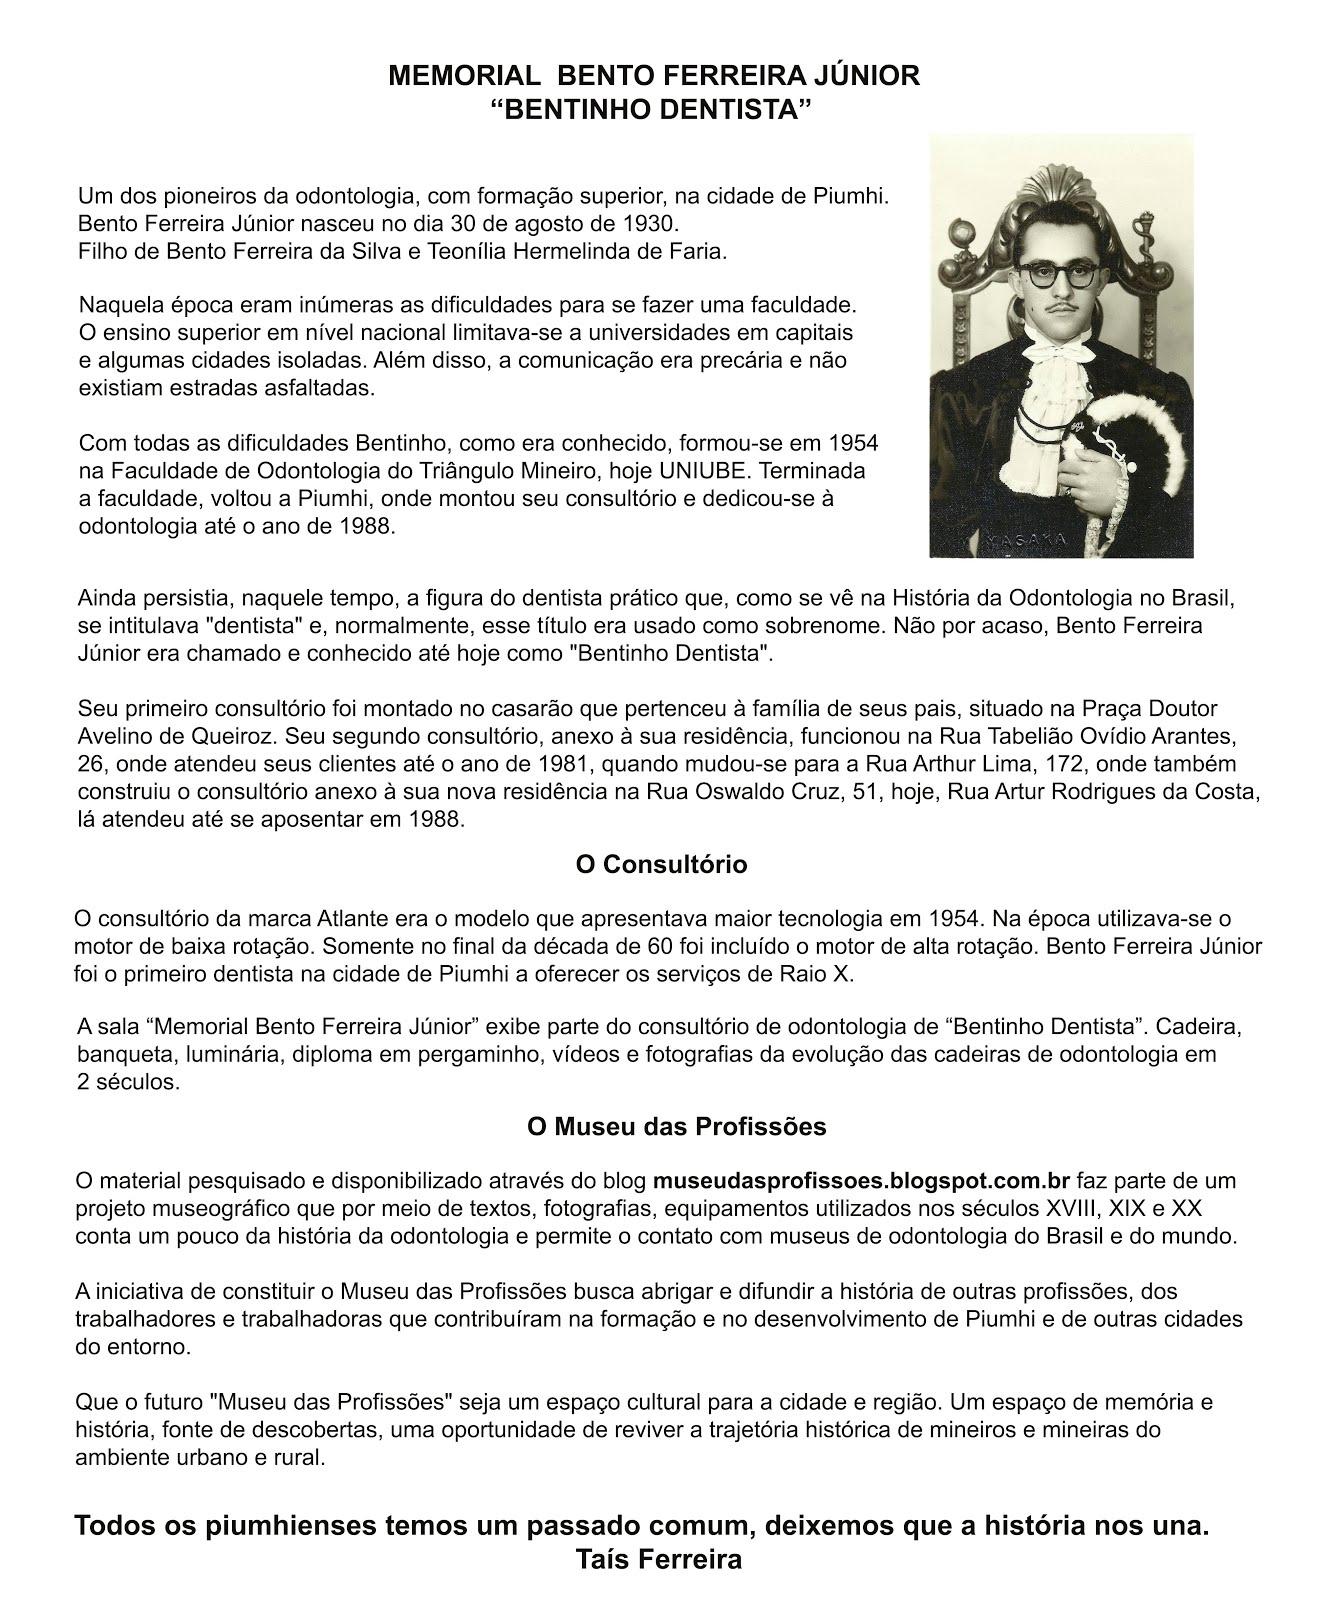 Memorial Bento Ferreira Júnior